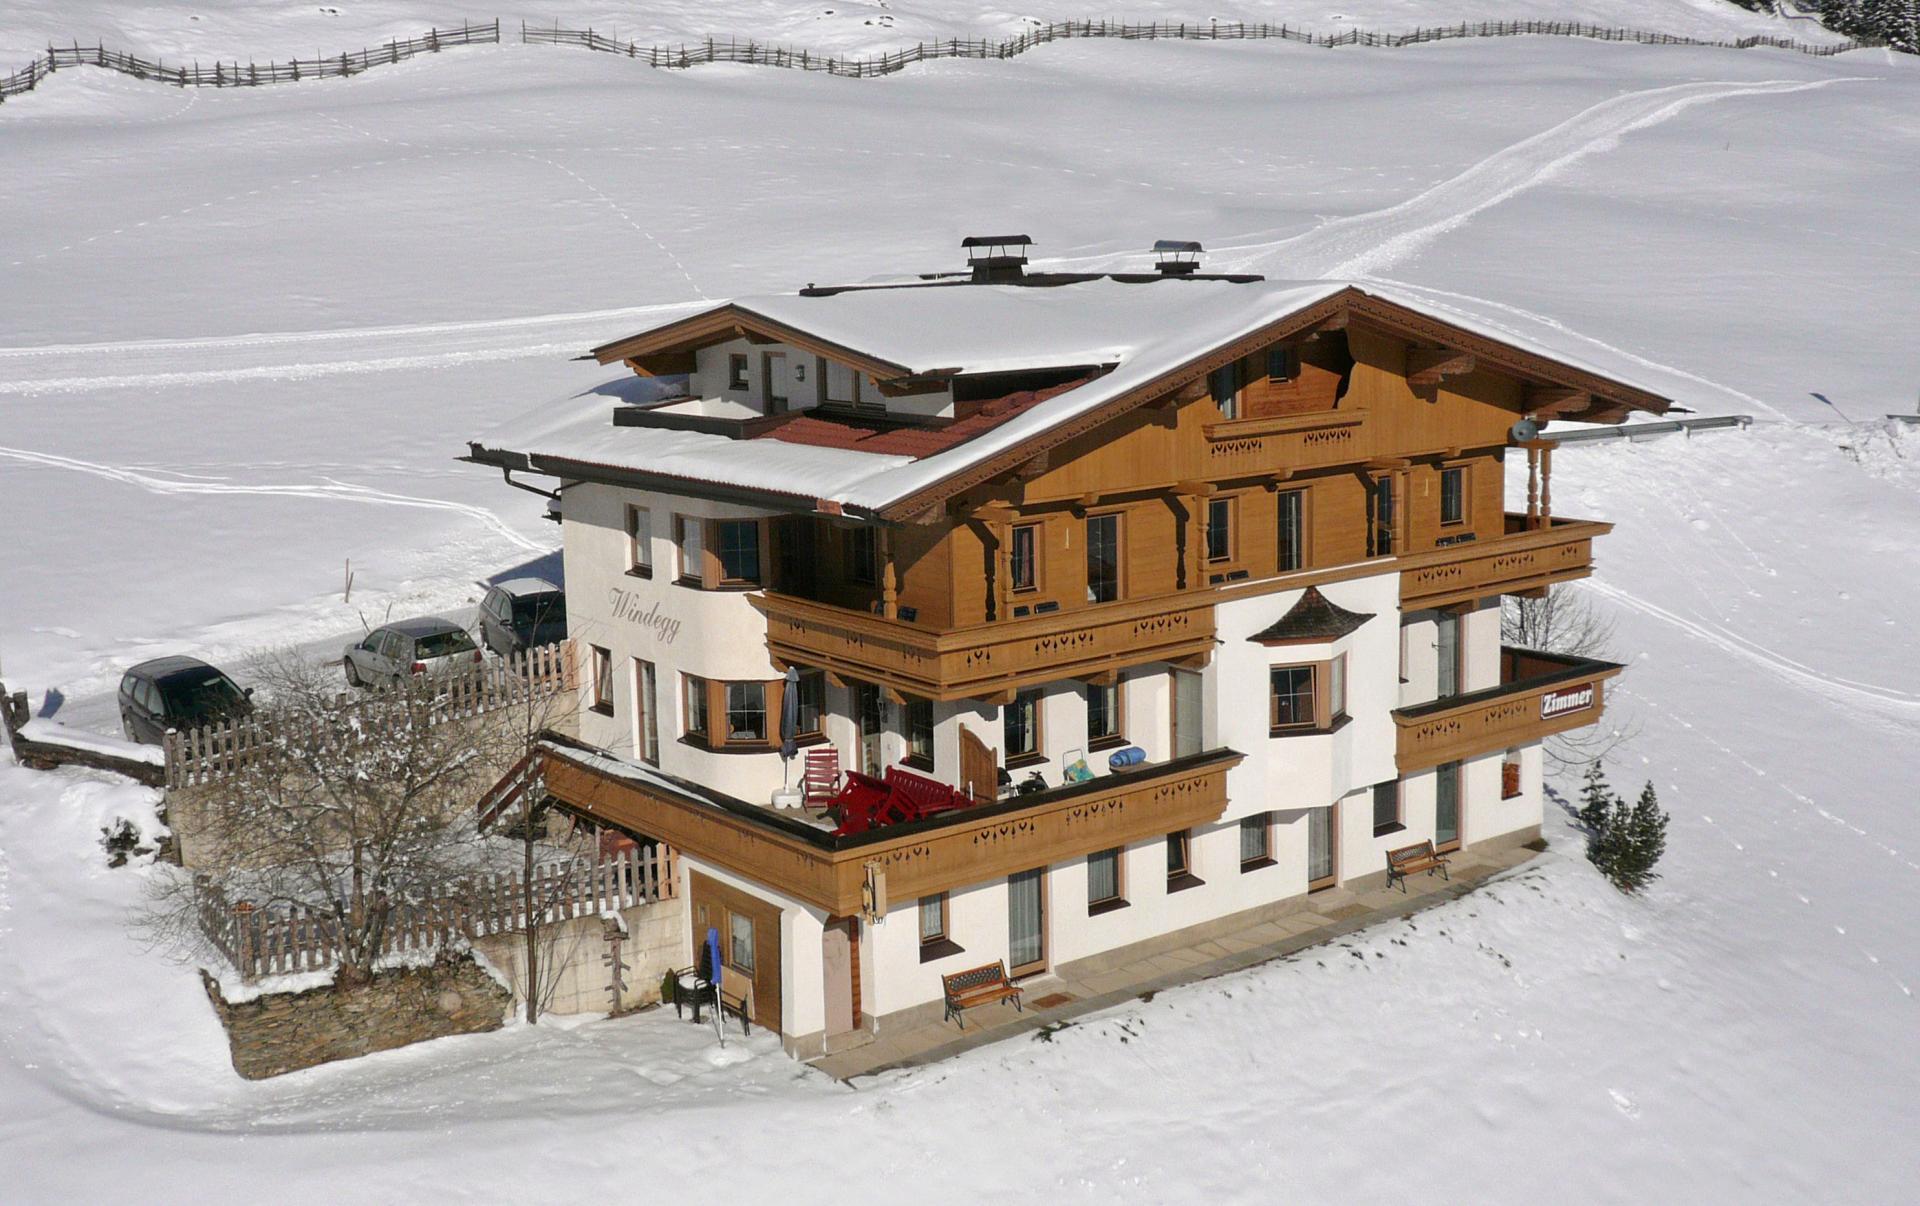 Gästehaus Windegg GesbR #Willkommen#Wohneinheiten#Preise#Anfragen#Buchen#Bildergalerie#Impressum#Sitemap